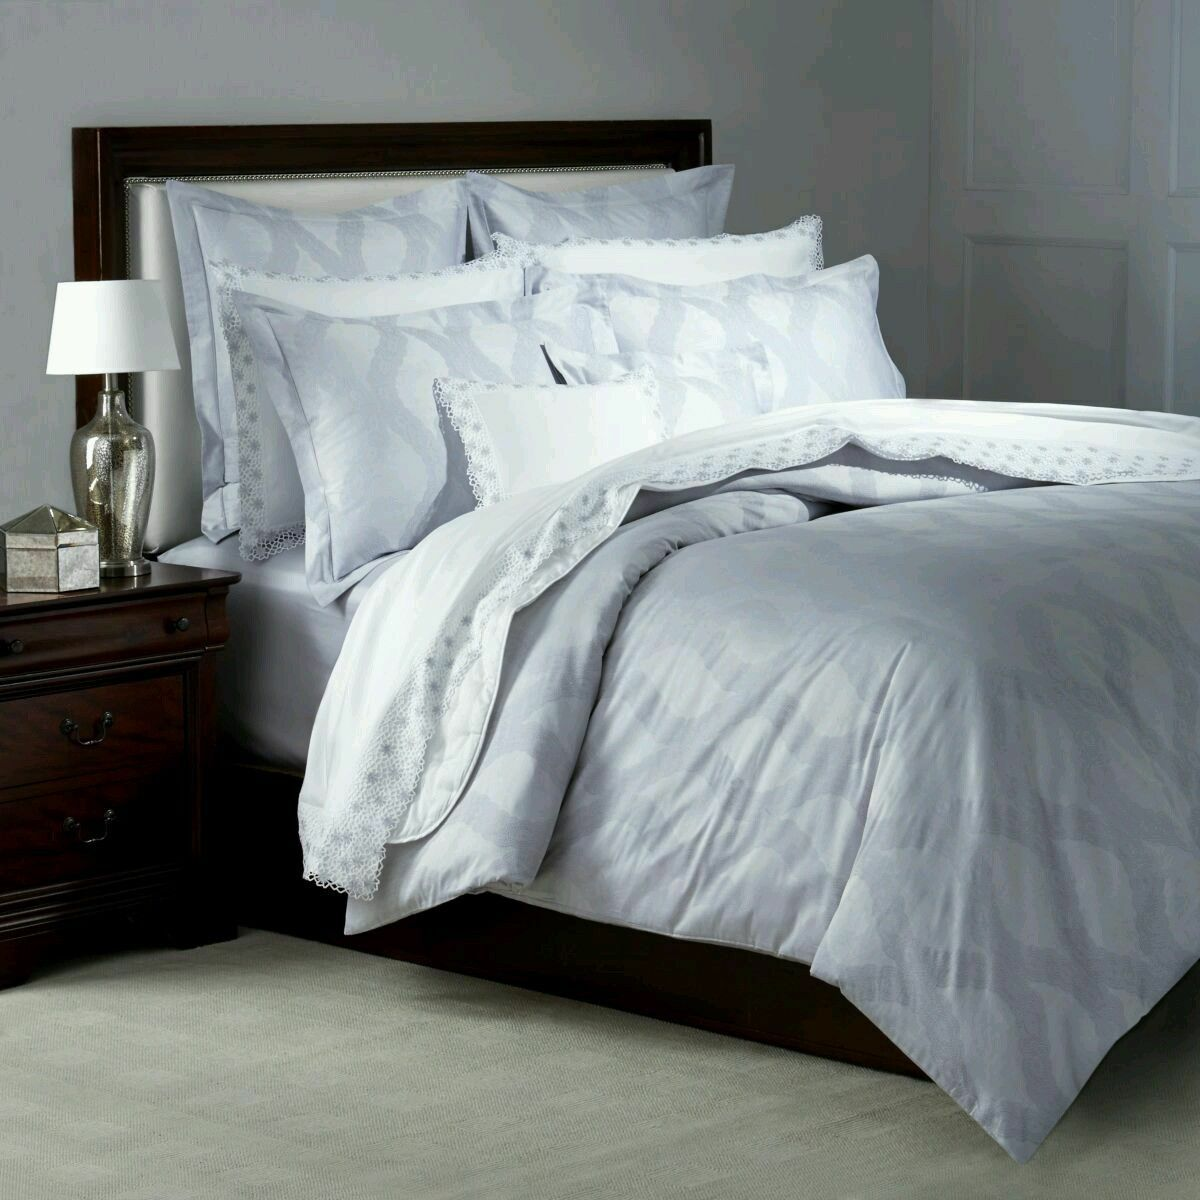 NWT NEW Yves Delorme Ondine Perle King flat sheet 106x116